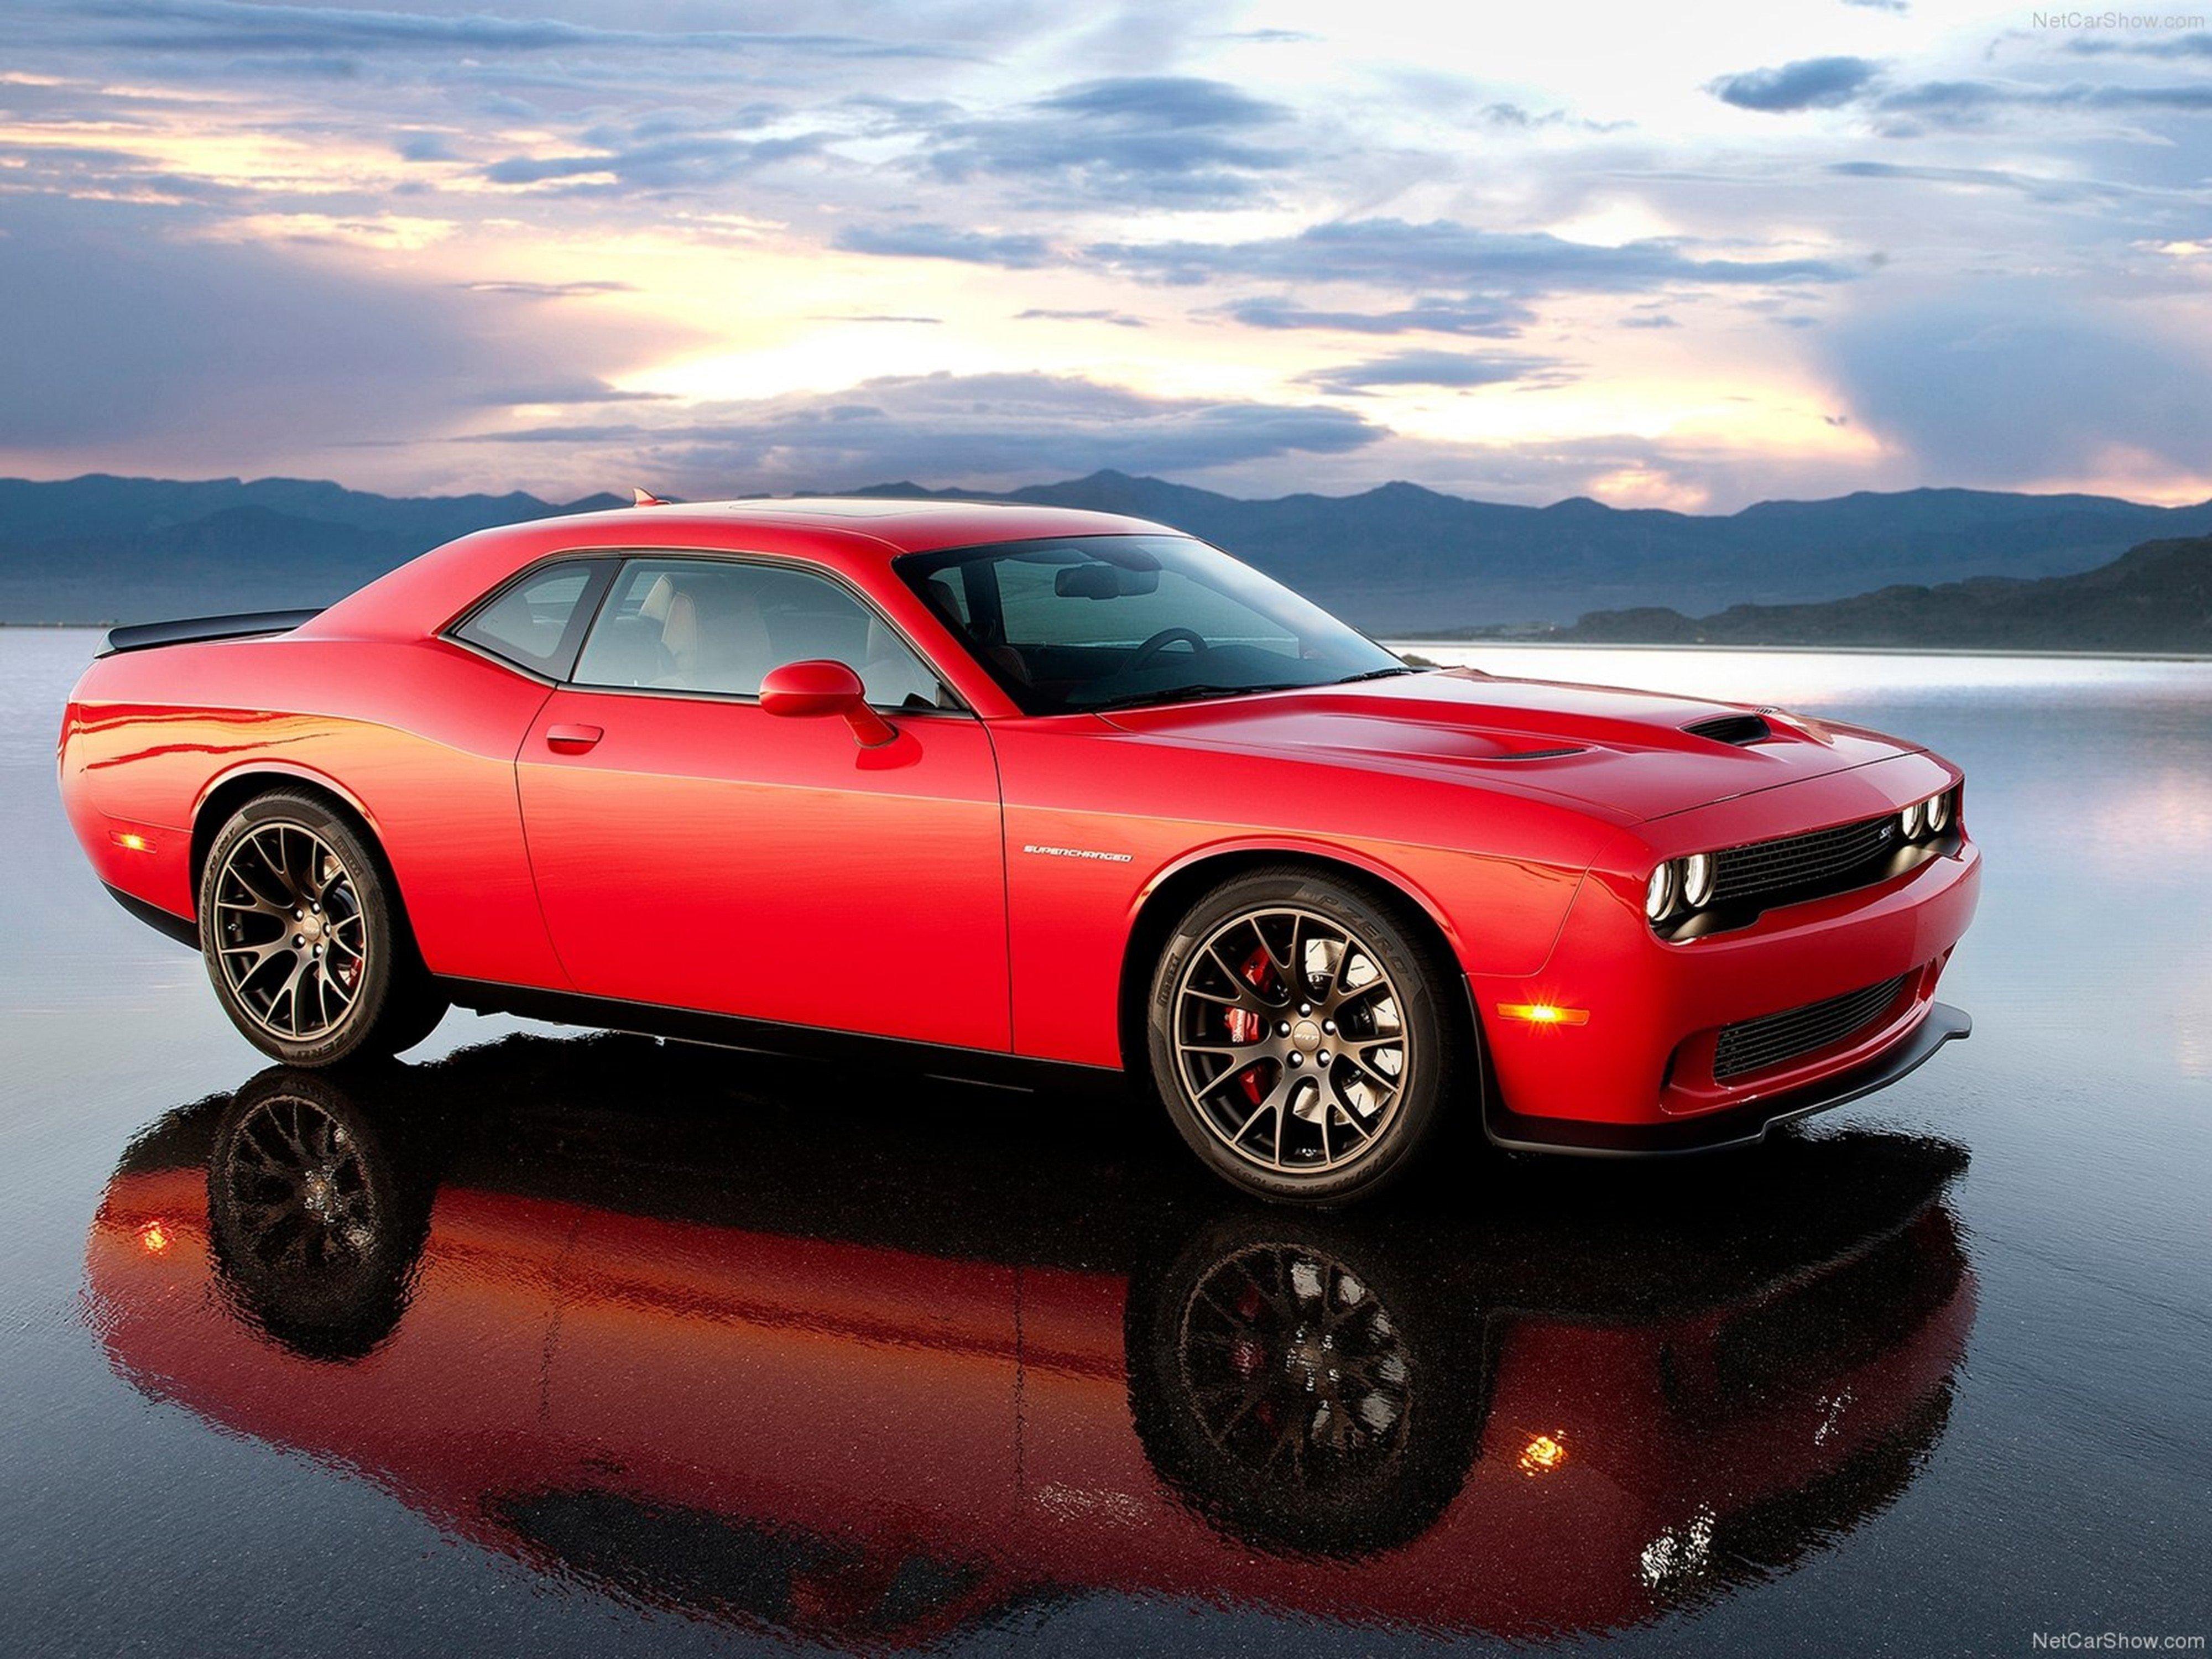 Dodge Challenger Srt Hellcat Wallpaper Red Muscle Car Car Sport